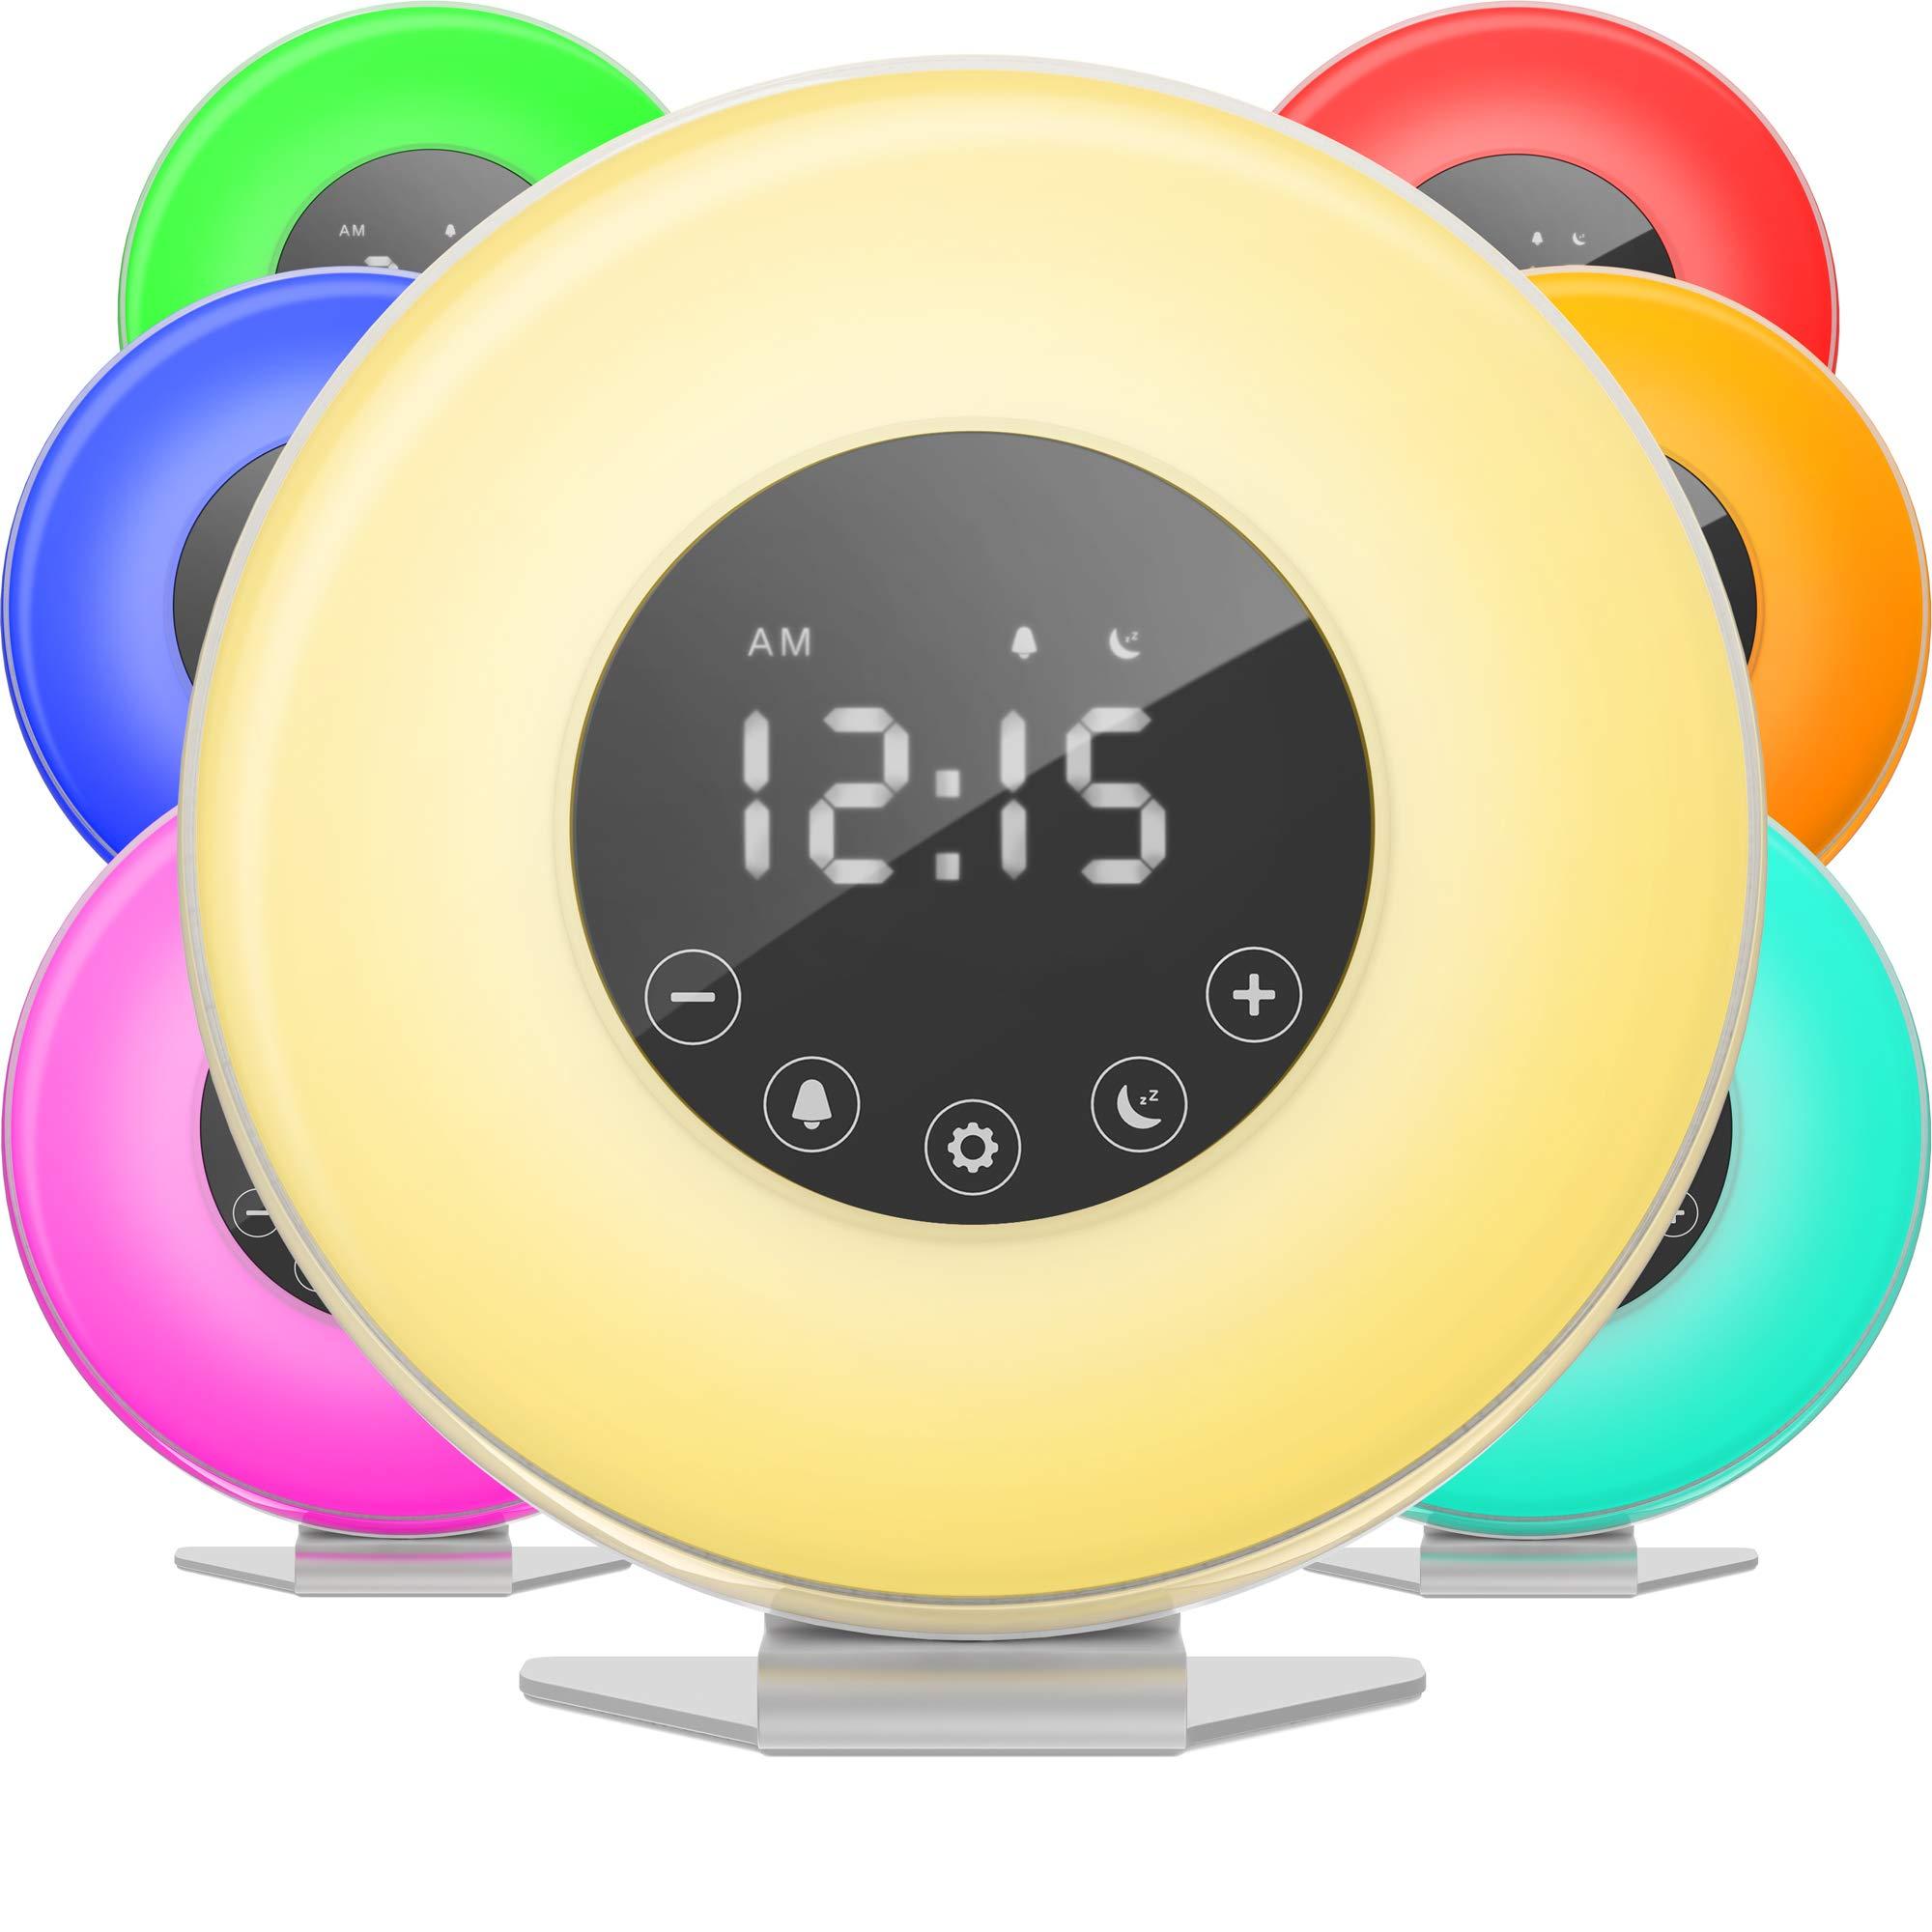 hOmeLabs Sunrise Alarm Clock Simulation